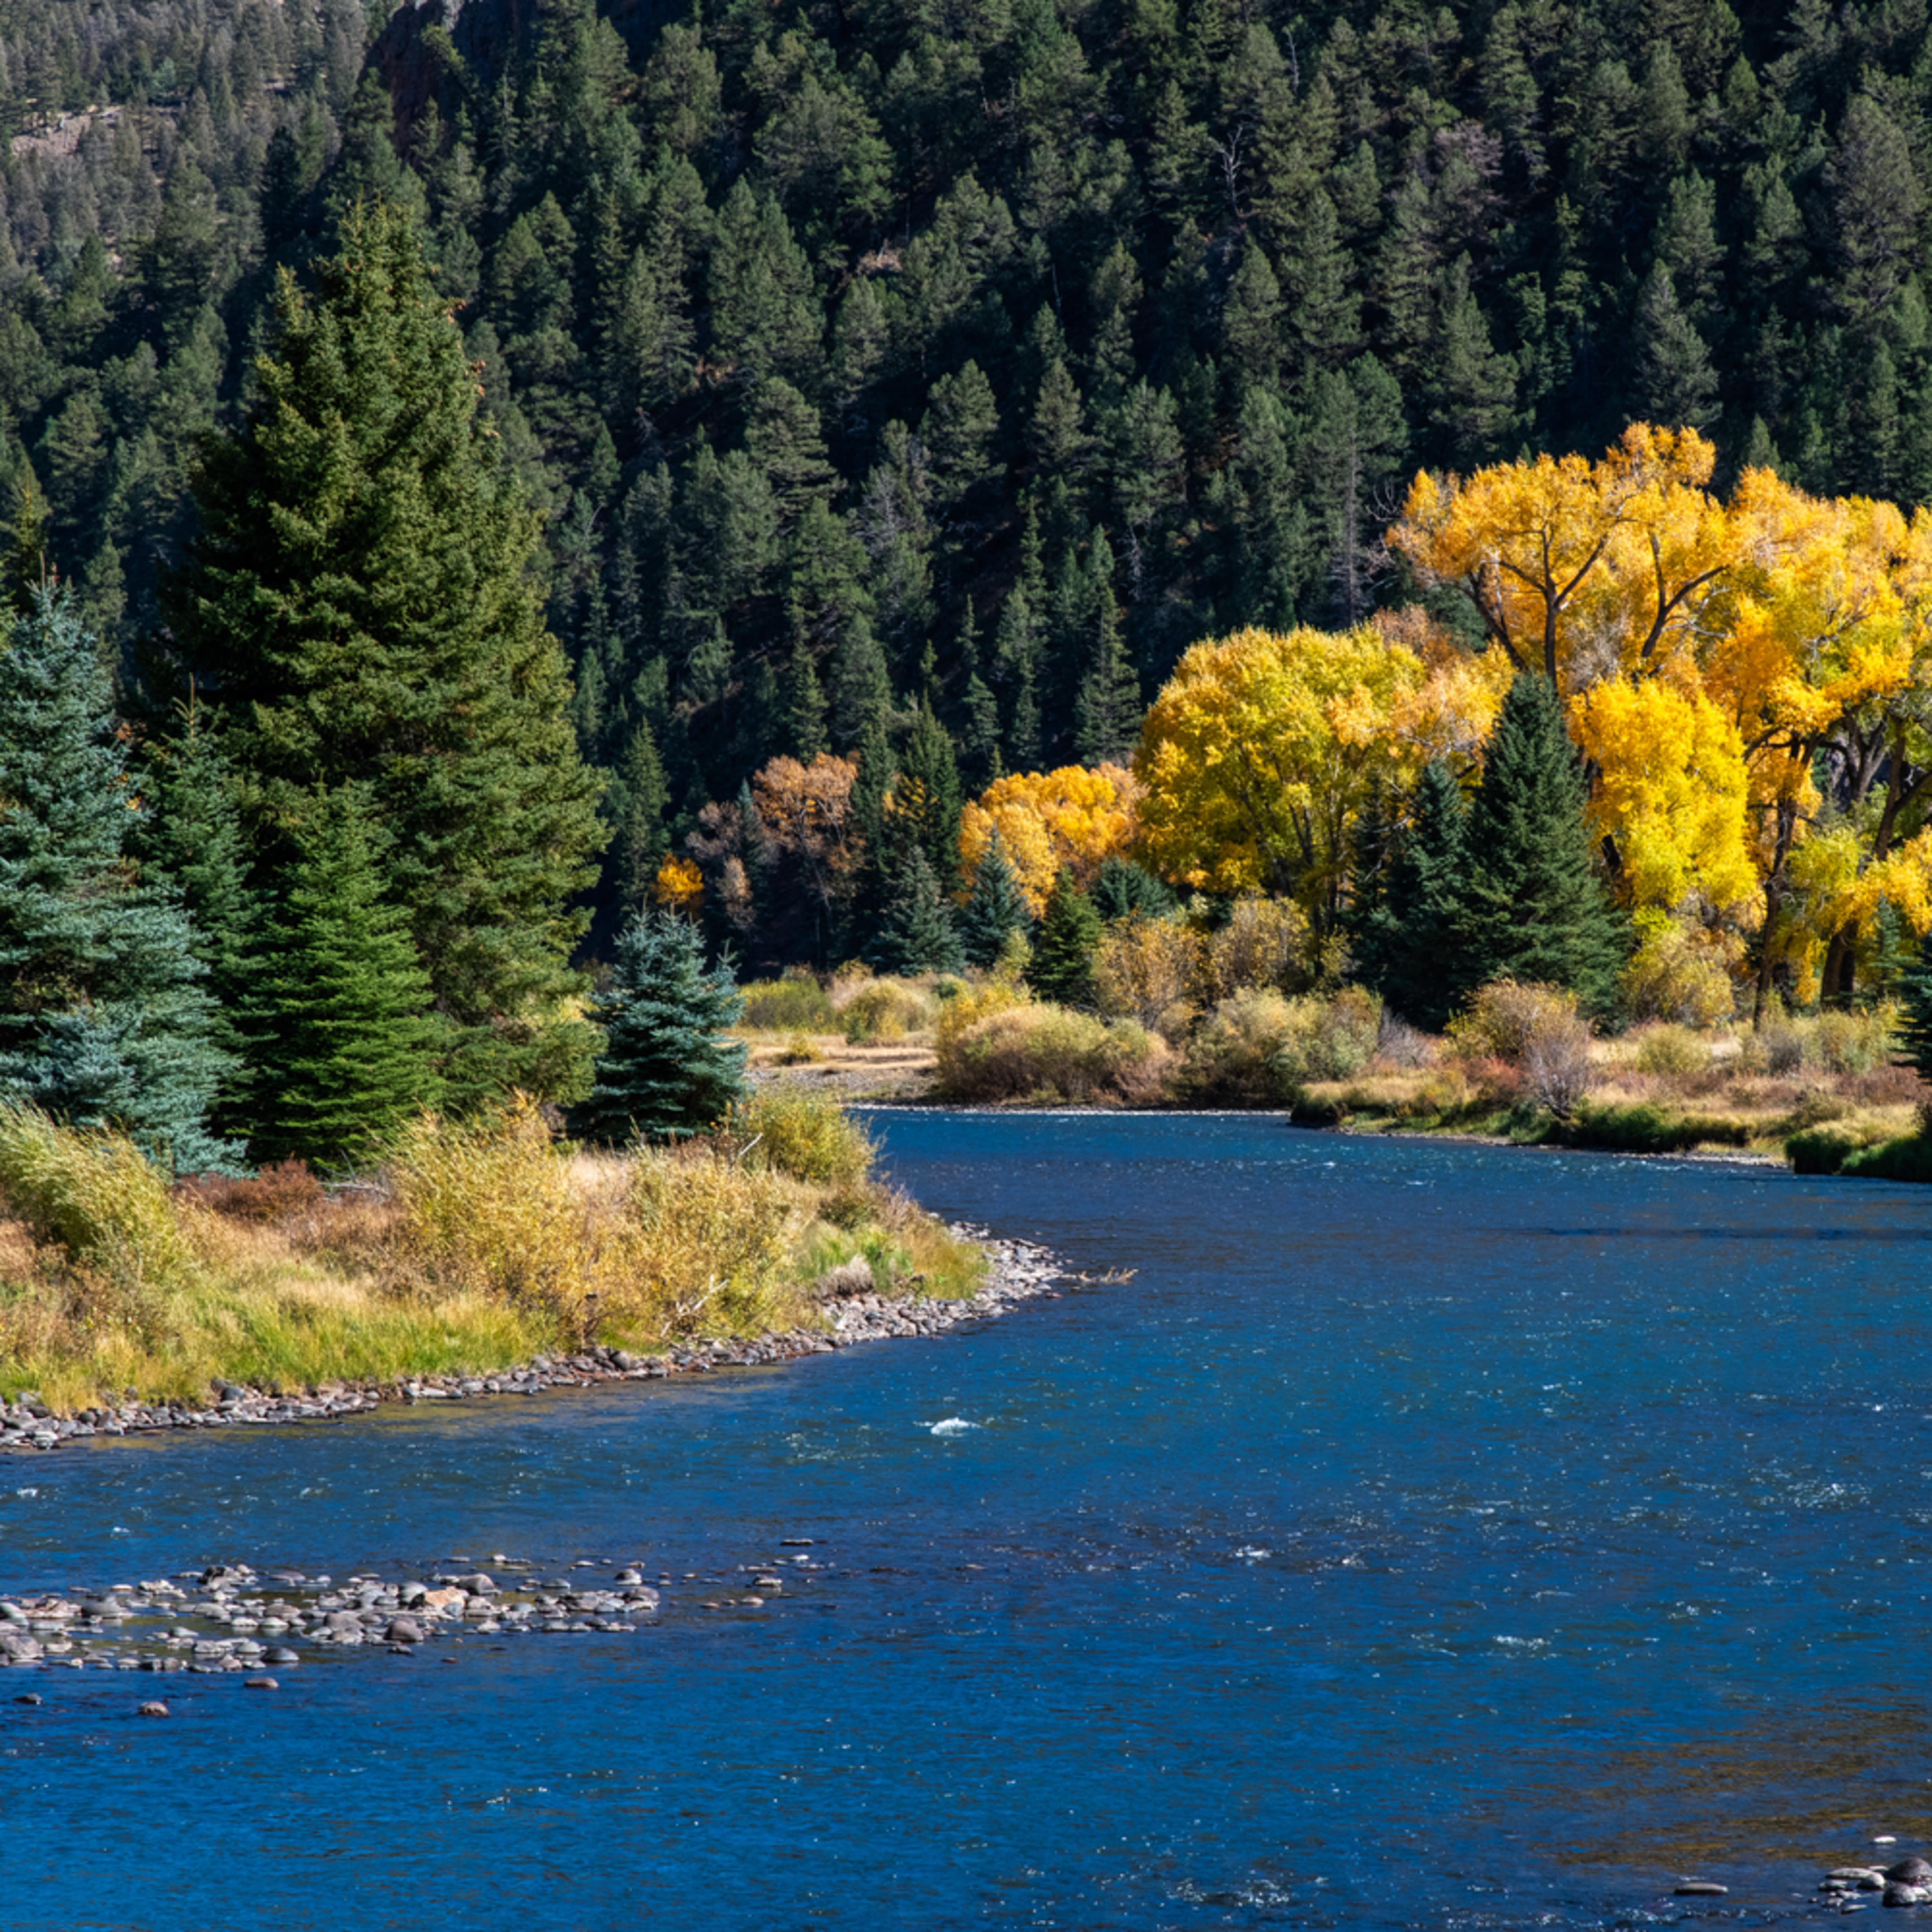 Andy crawford photography colorado rio grande river 2 wg6jmx